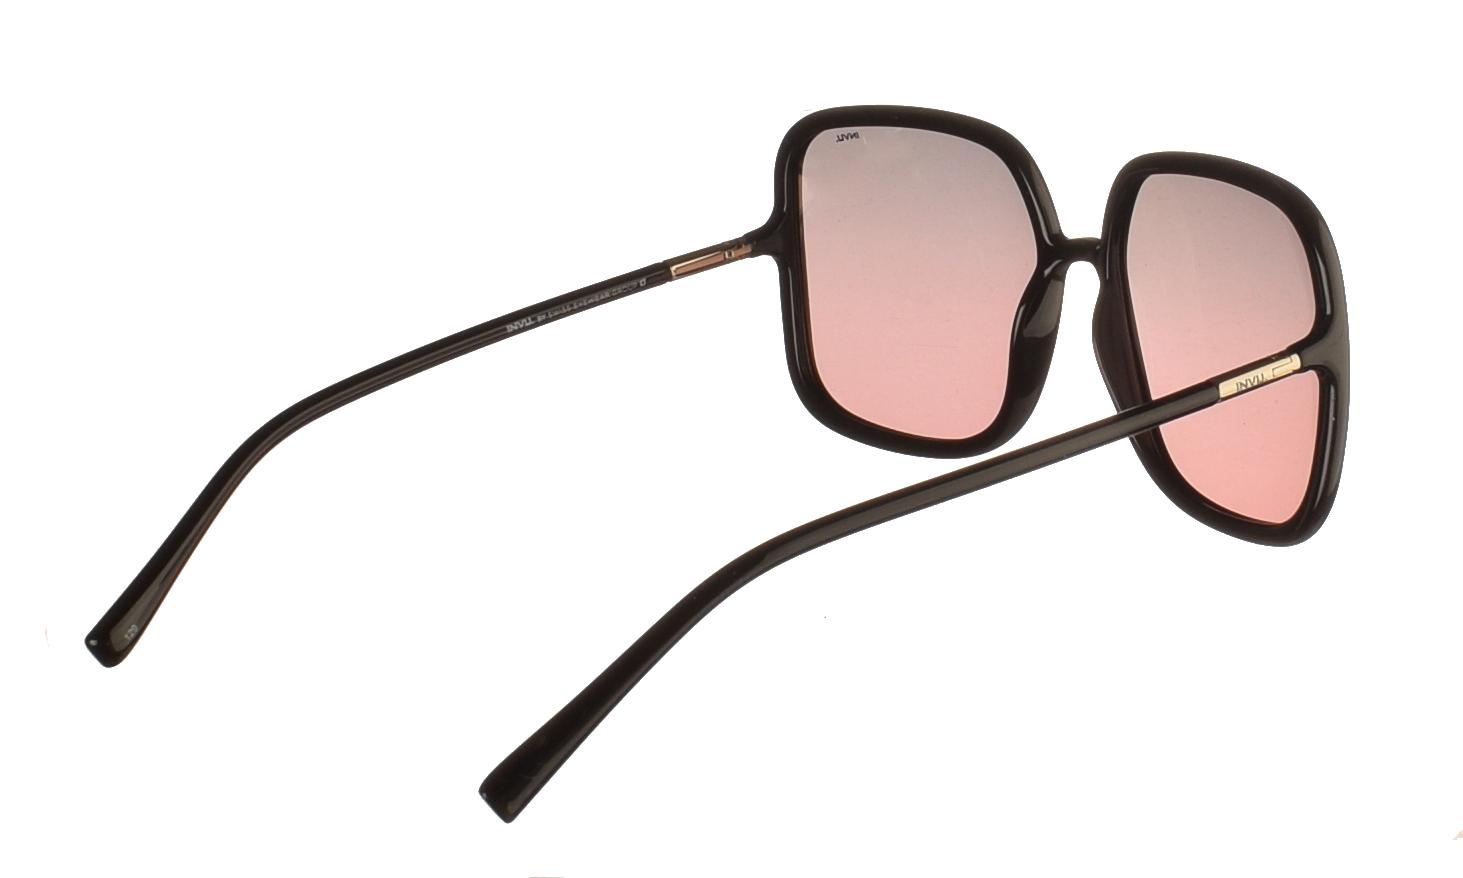 Διαχρονικά κοκάλινα γυναικεία γυαλιά ηλίου B2045 σε μαύρο σκελετό με γκρι μωβ ντεγκραντέ polarized φακούς της εταιρίας Invu για μεσαία και μεγάλα πρόσωπα.